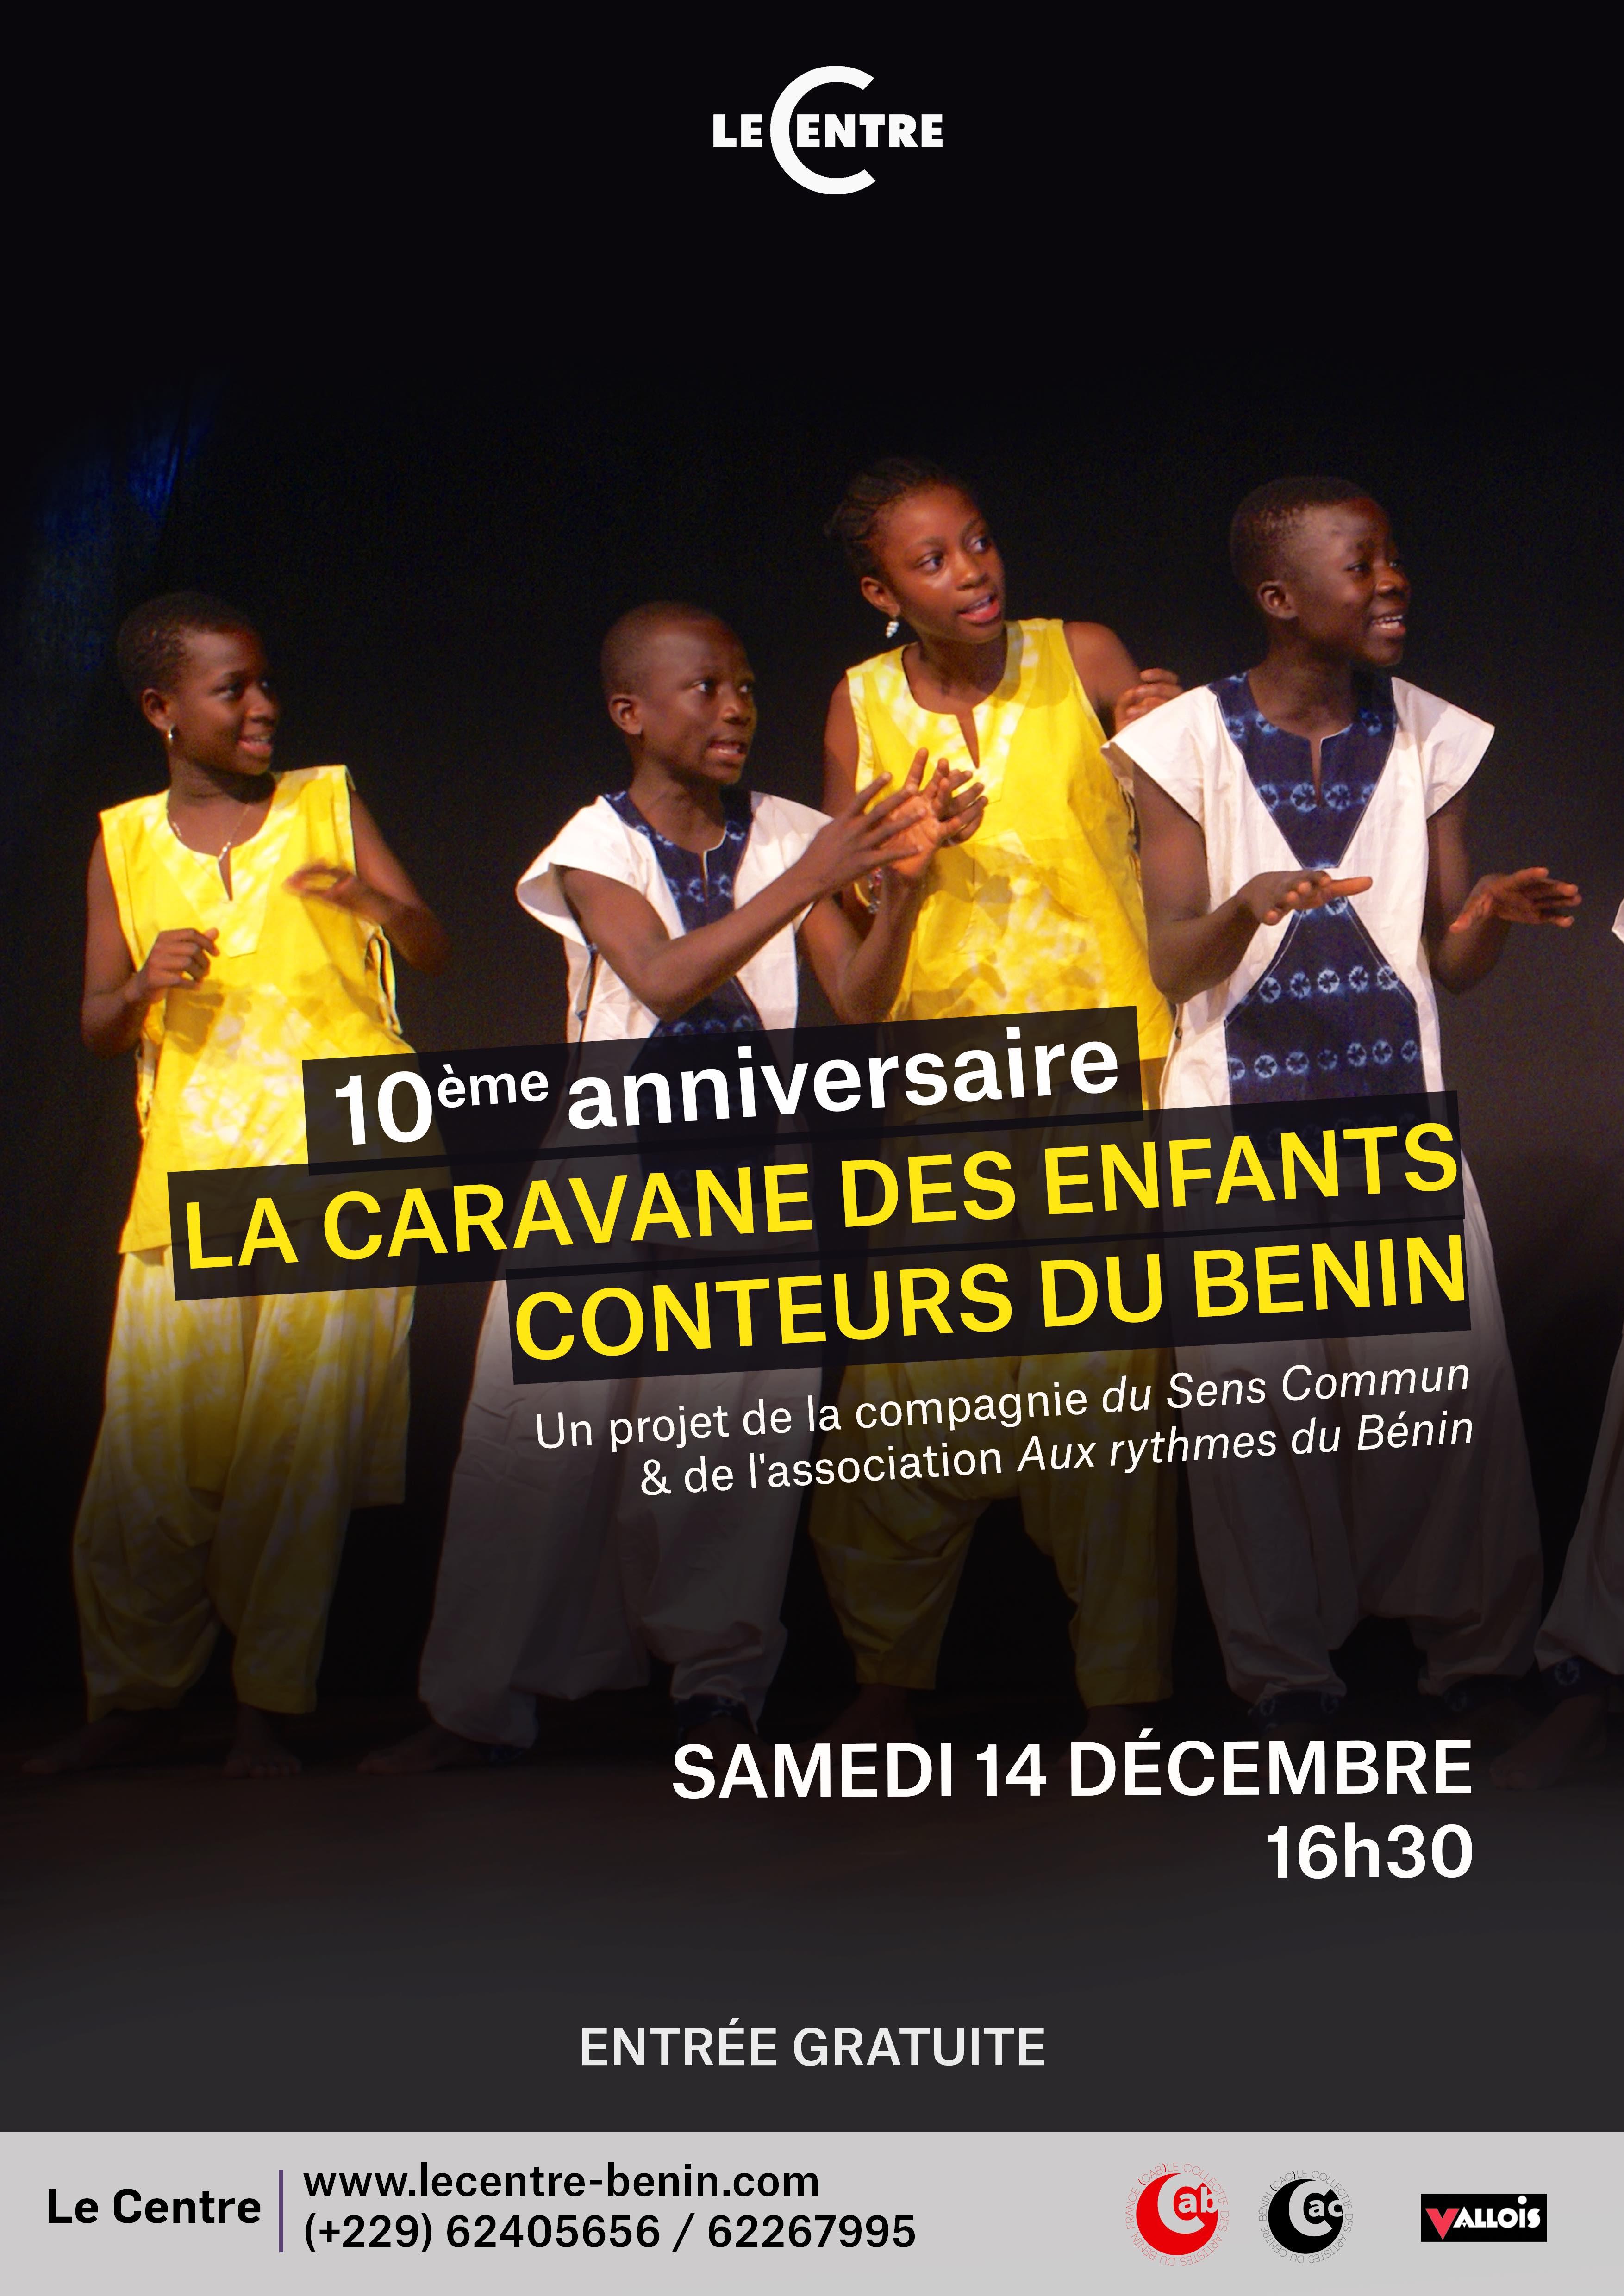 Soirée conte, La caravane des enfants conteurs du Benin